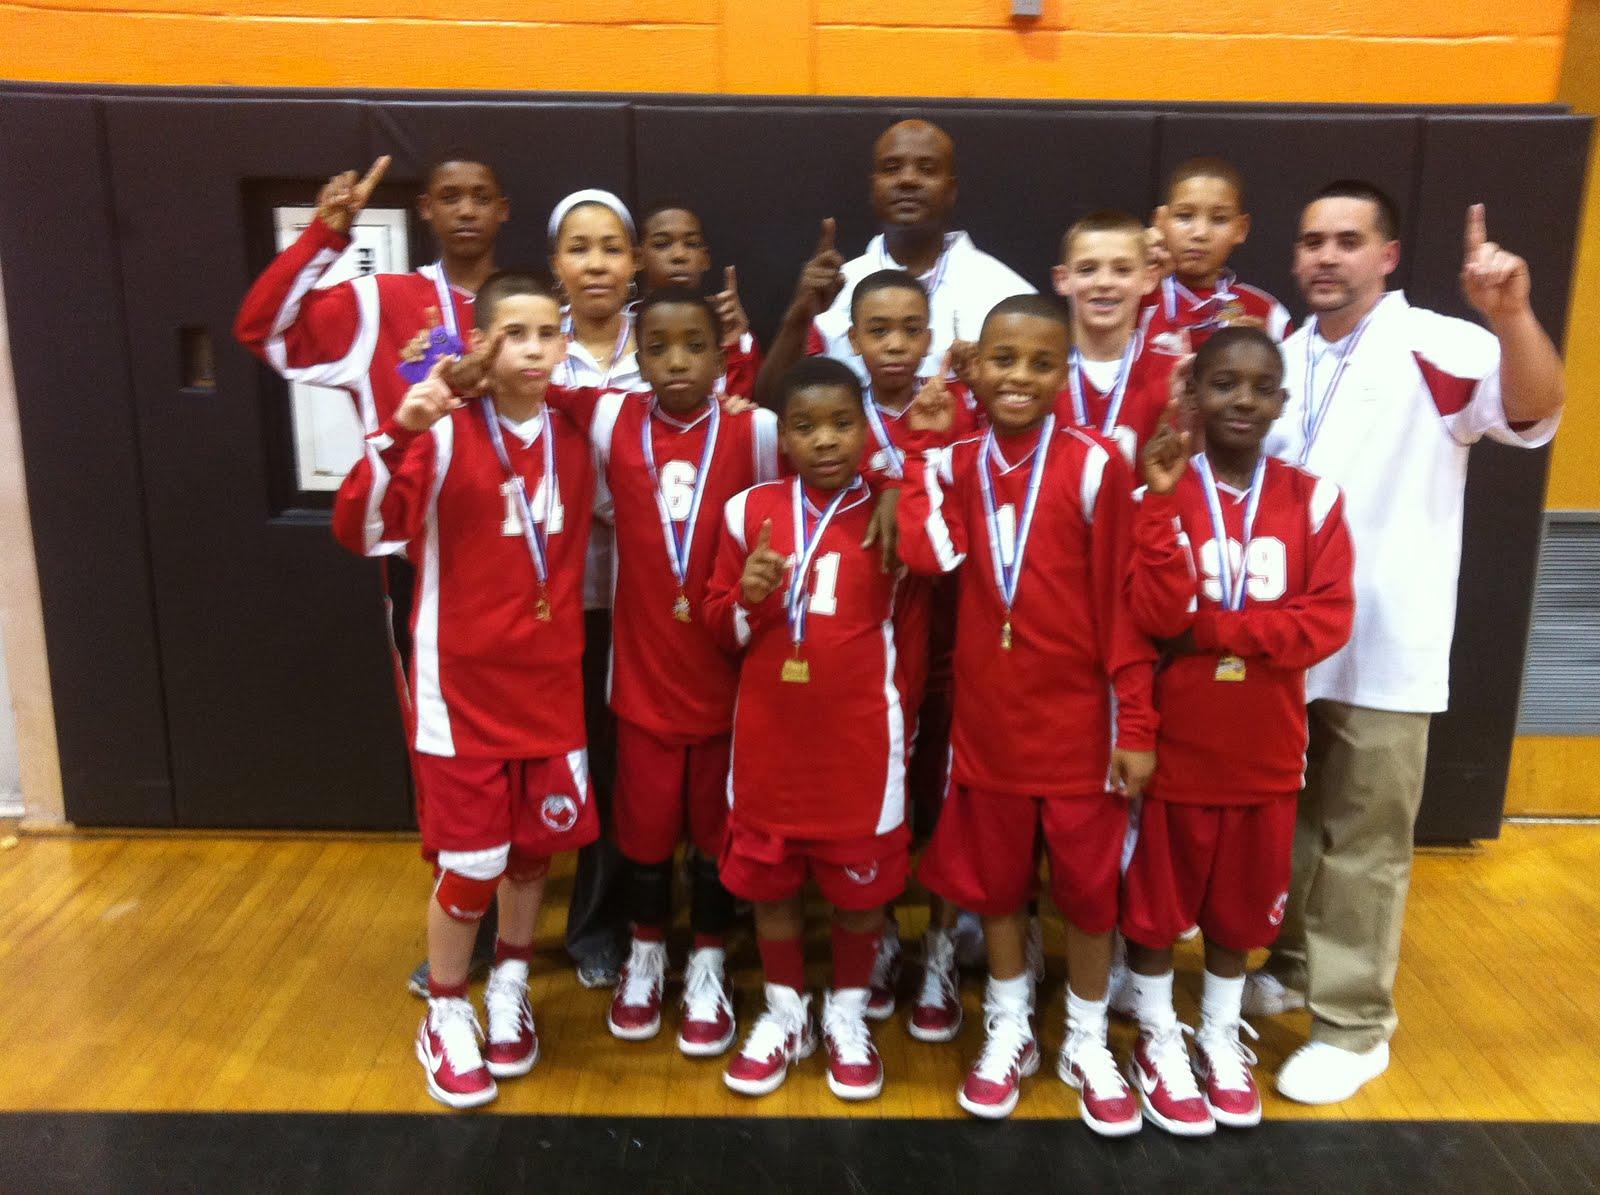 Kings Island Basketball Tournament